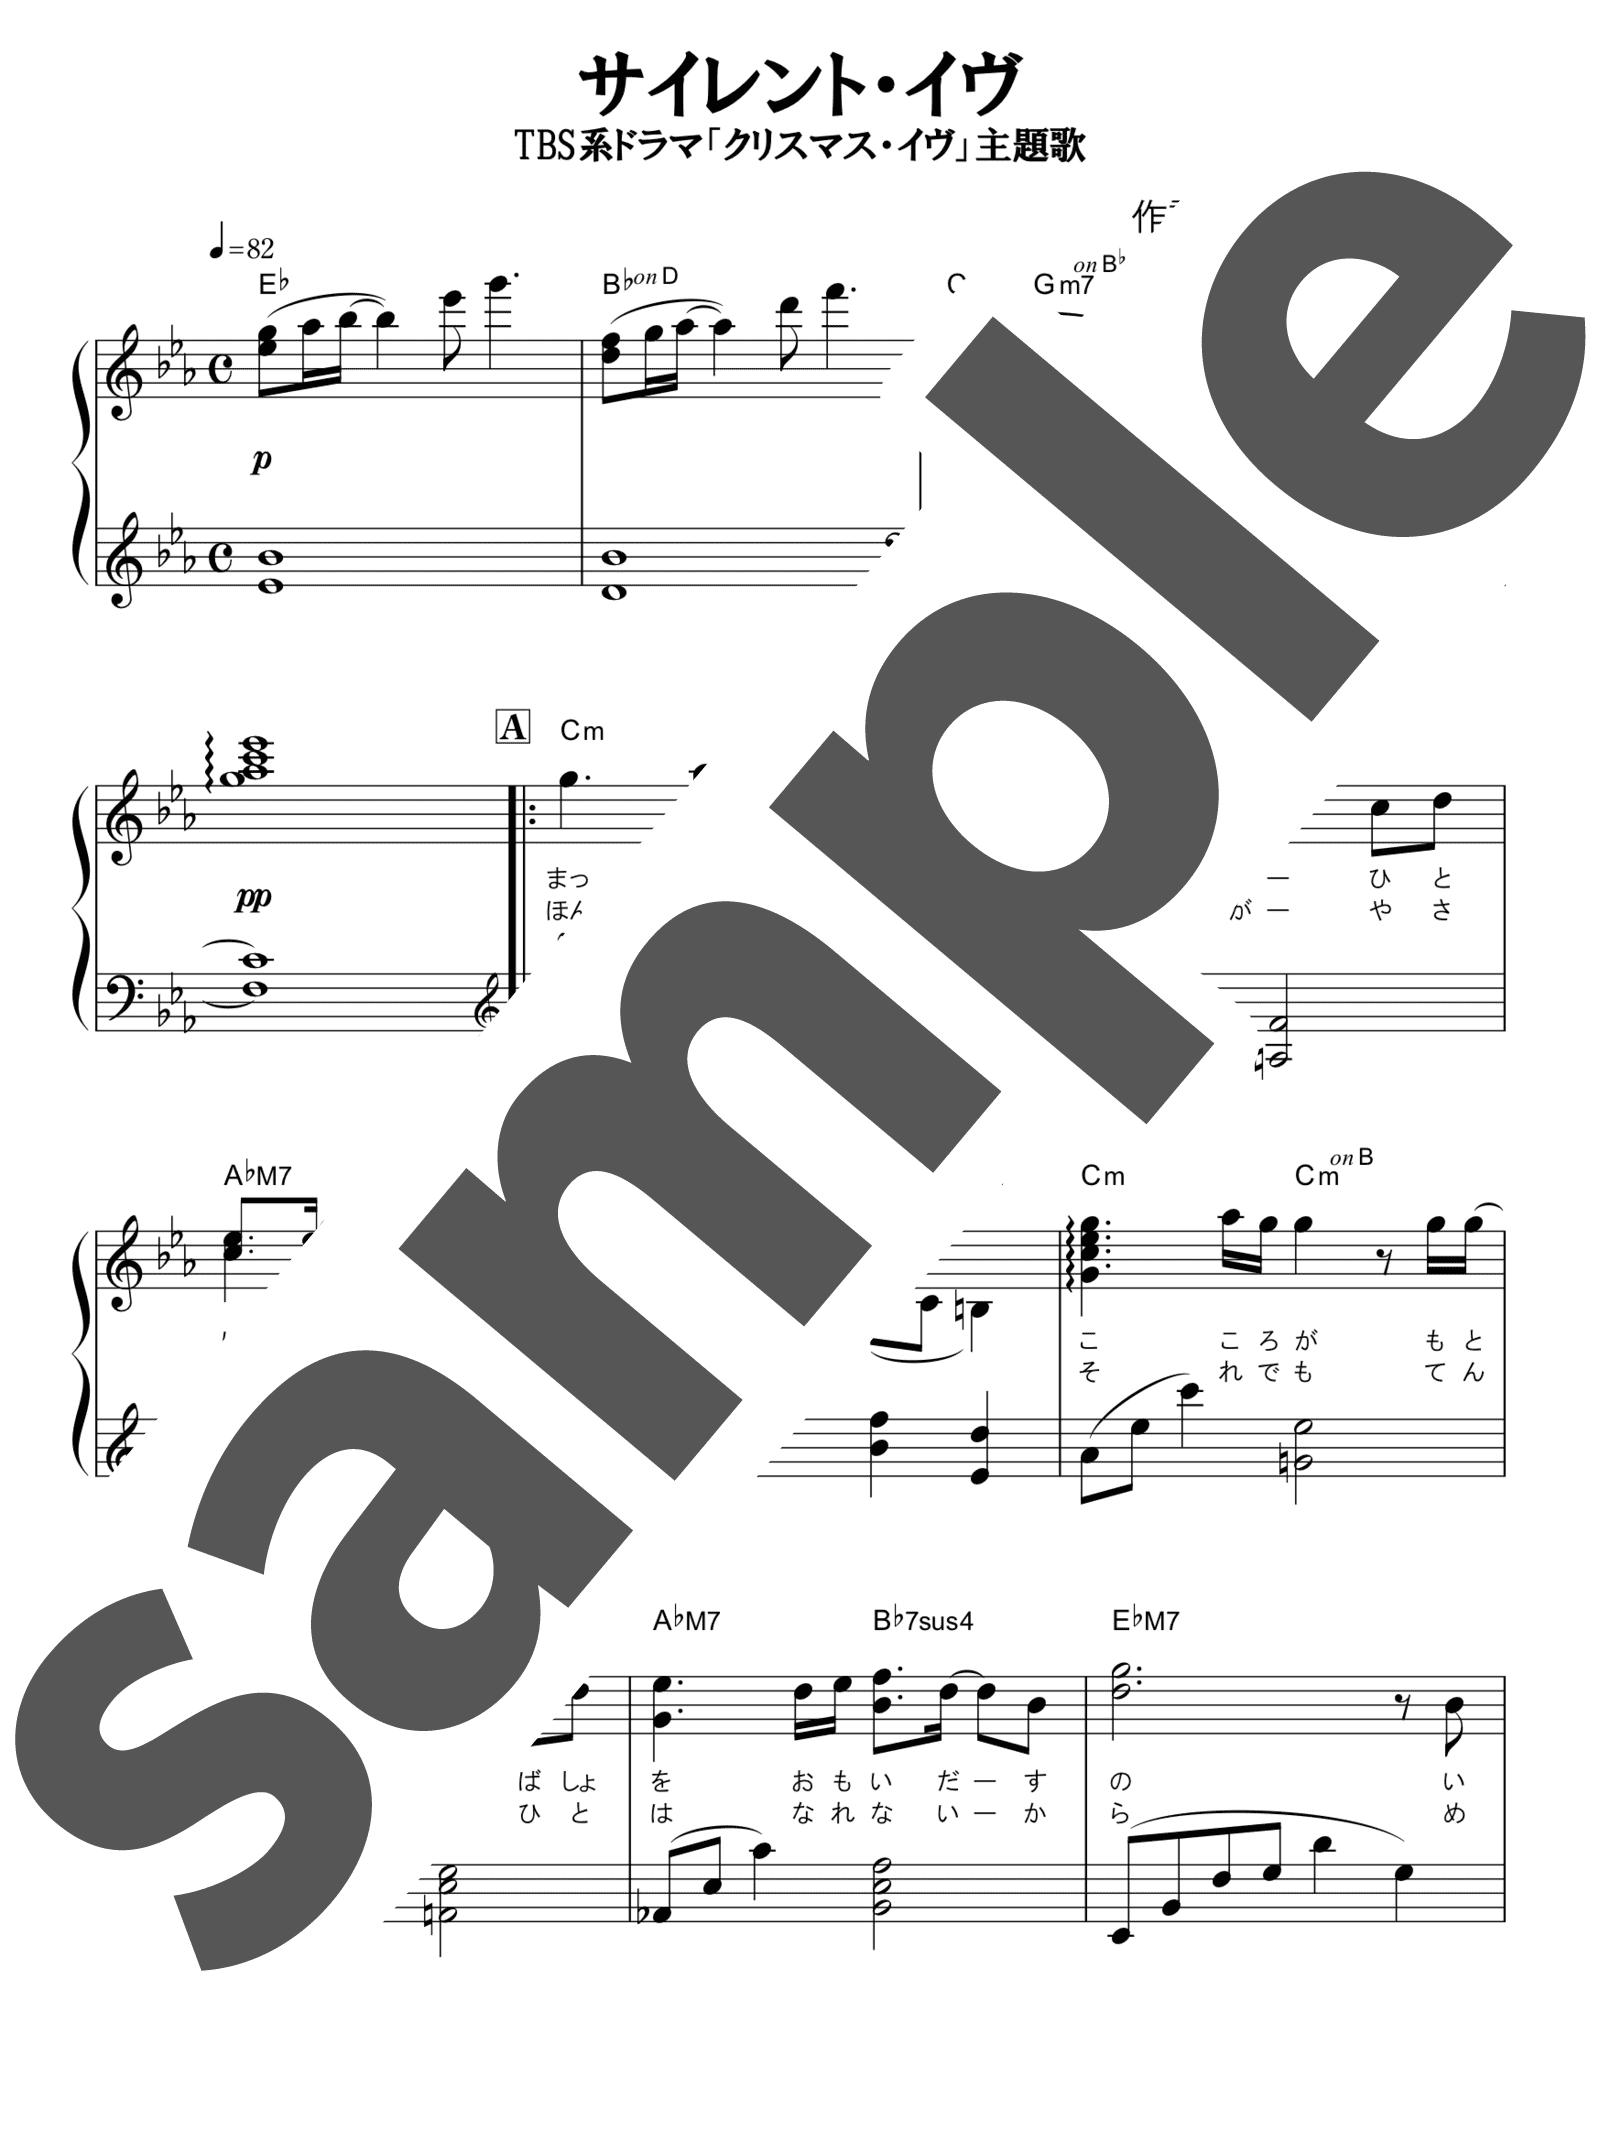 ピアノ楽譜 サイレント イヴ 辛島美登里 ソロ 中級 電子